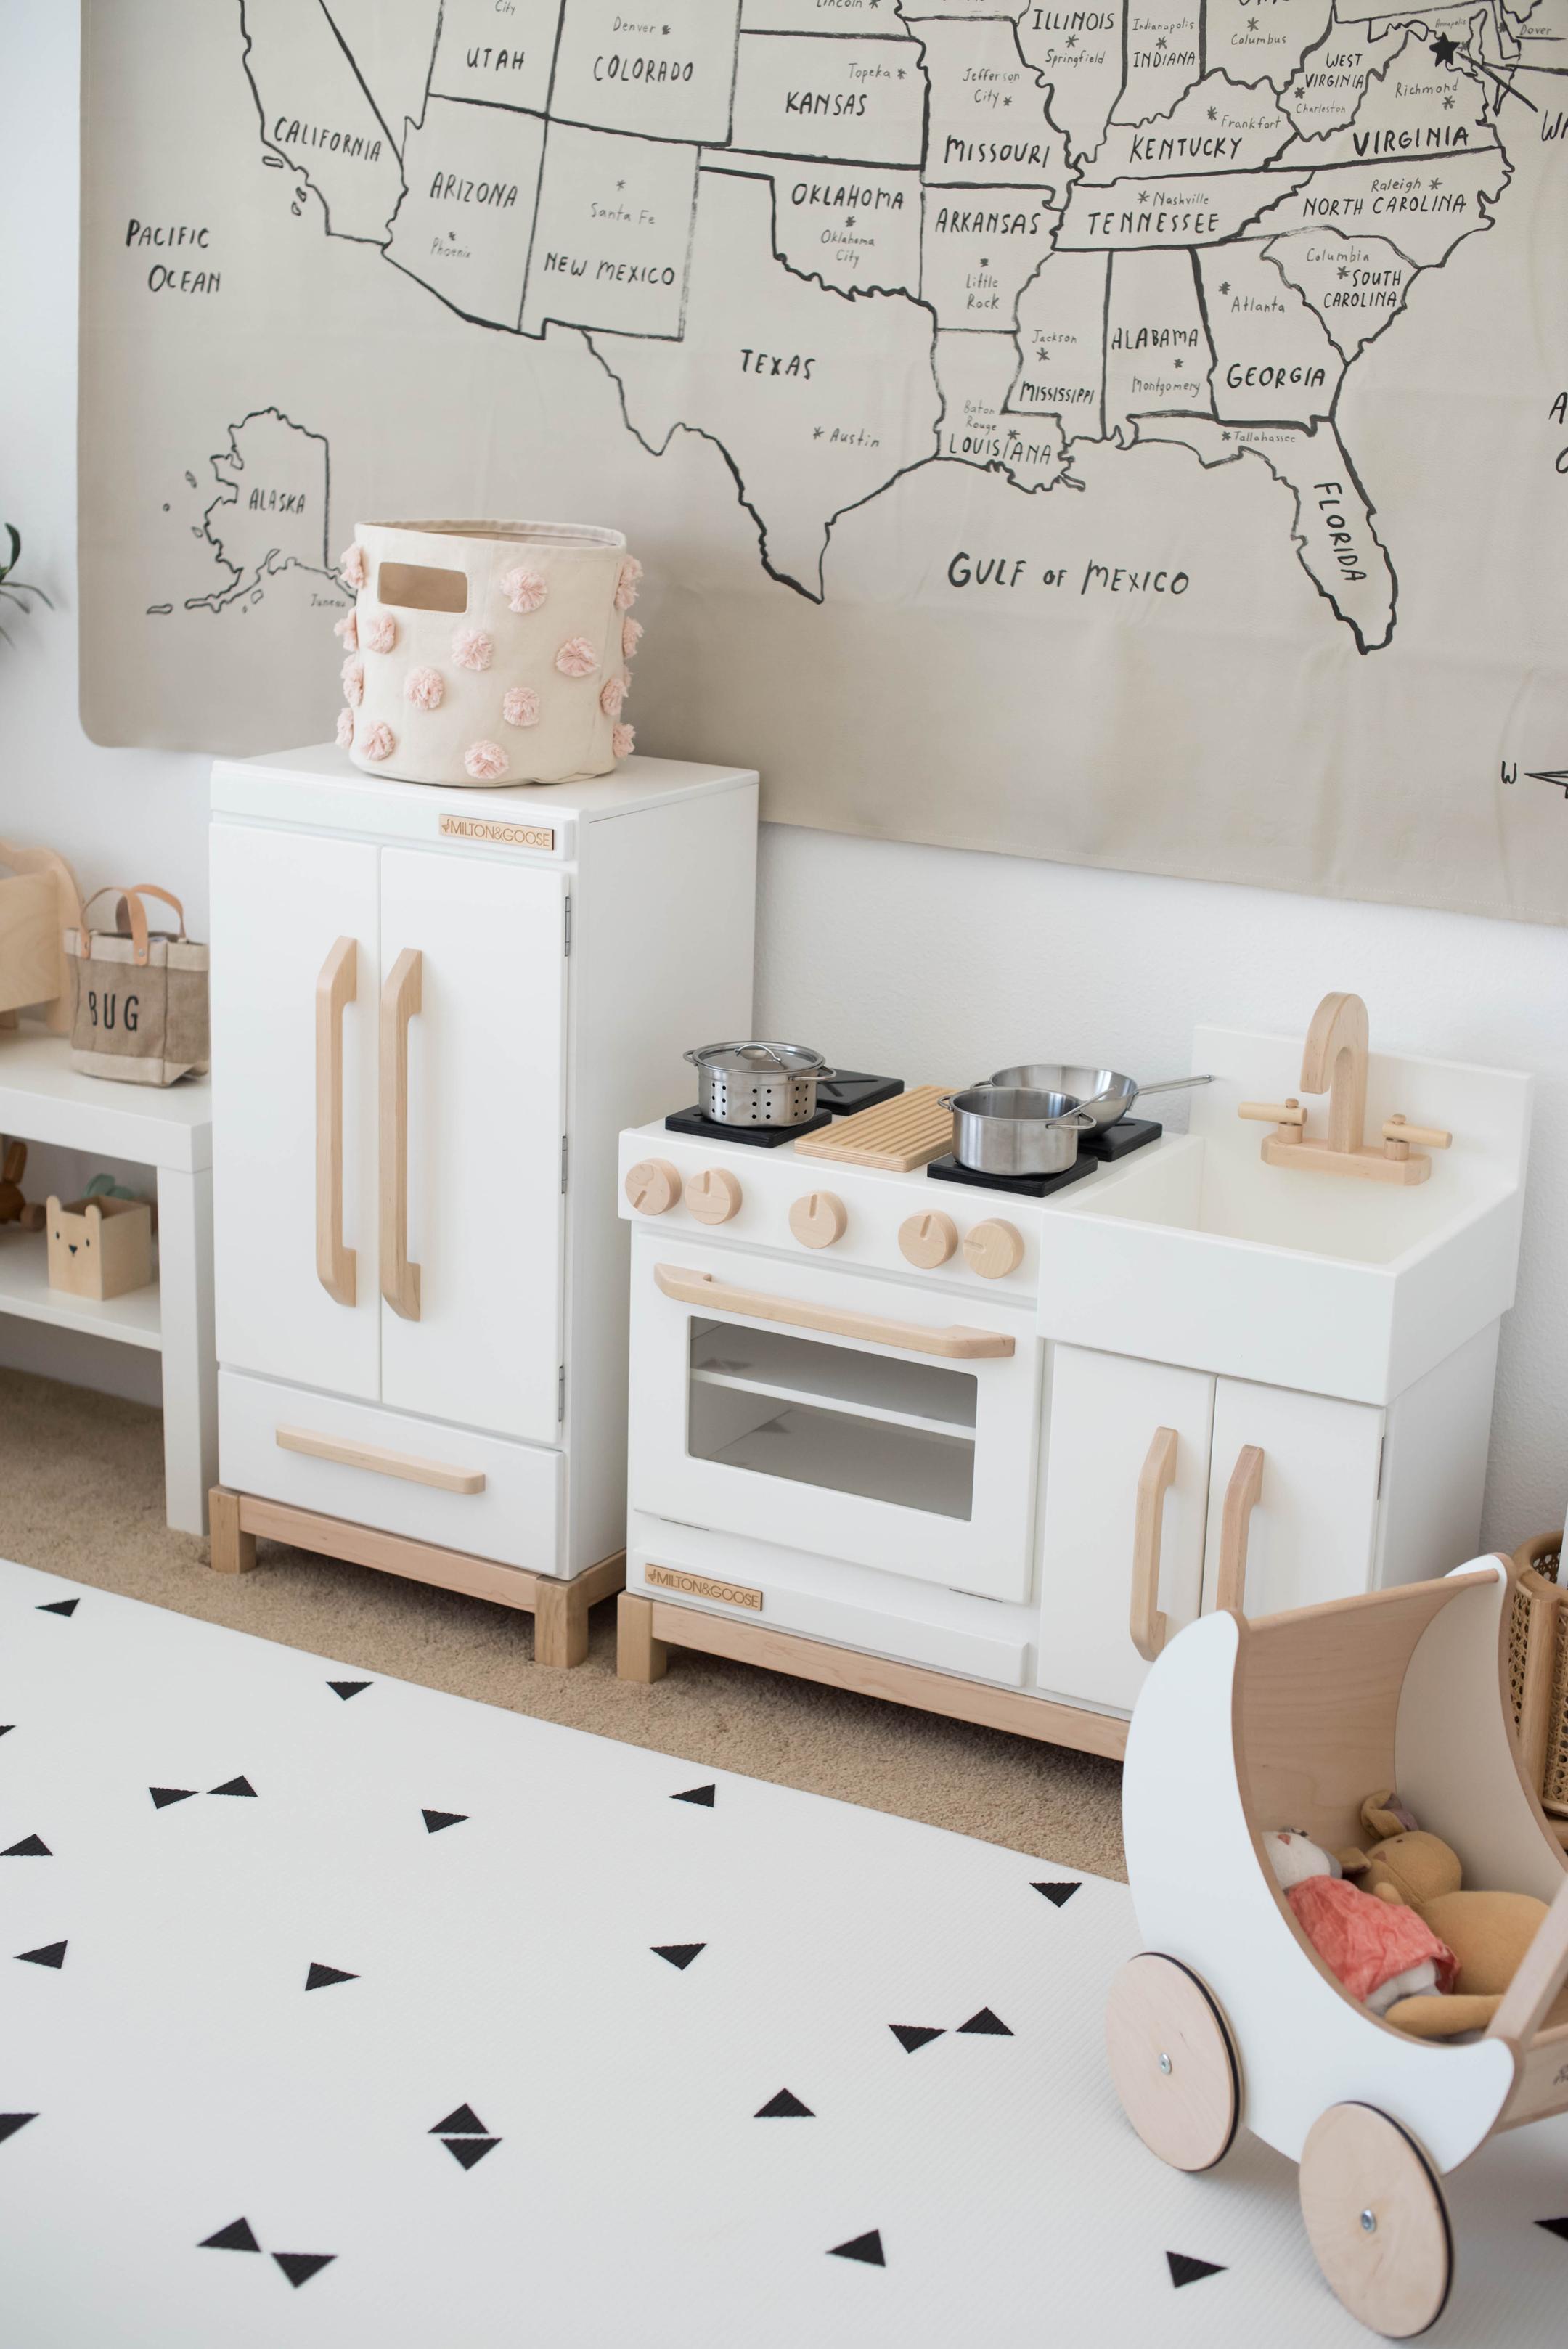 Milton & Goose white and beige kitchen set